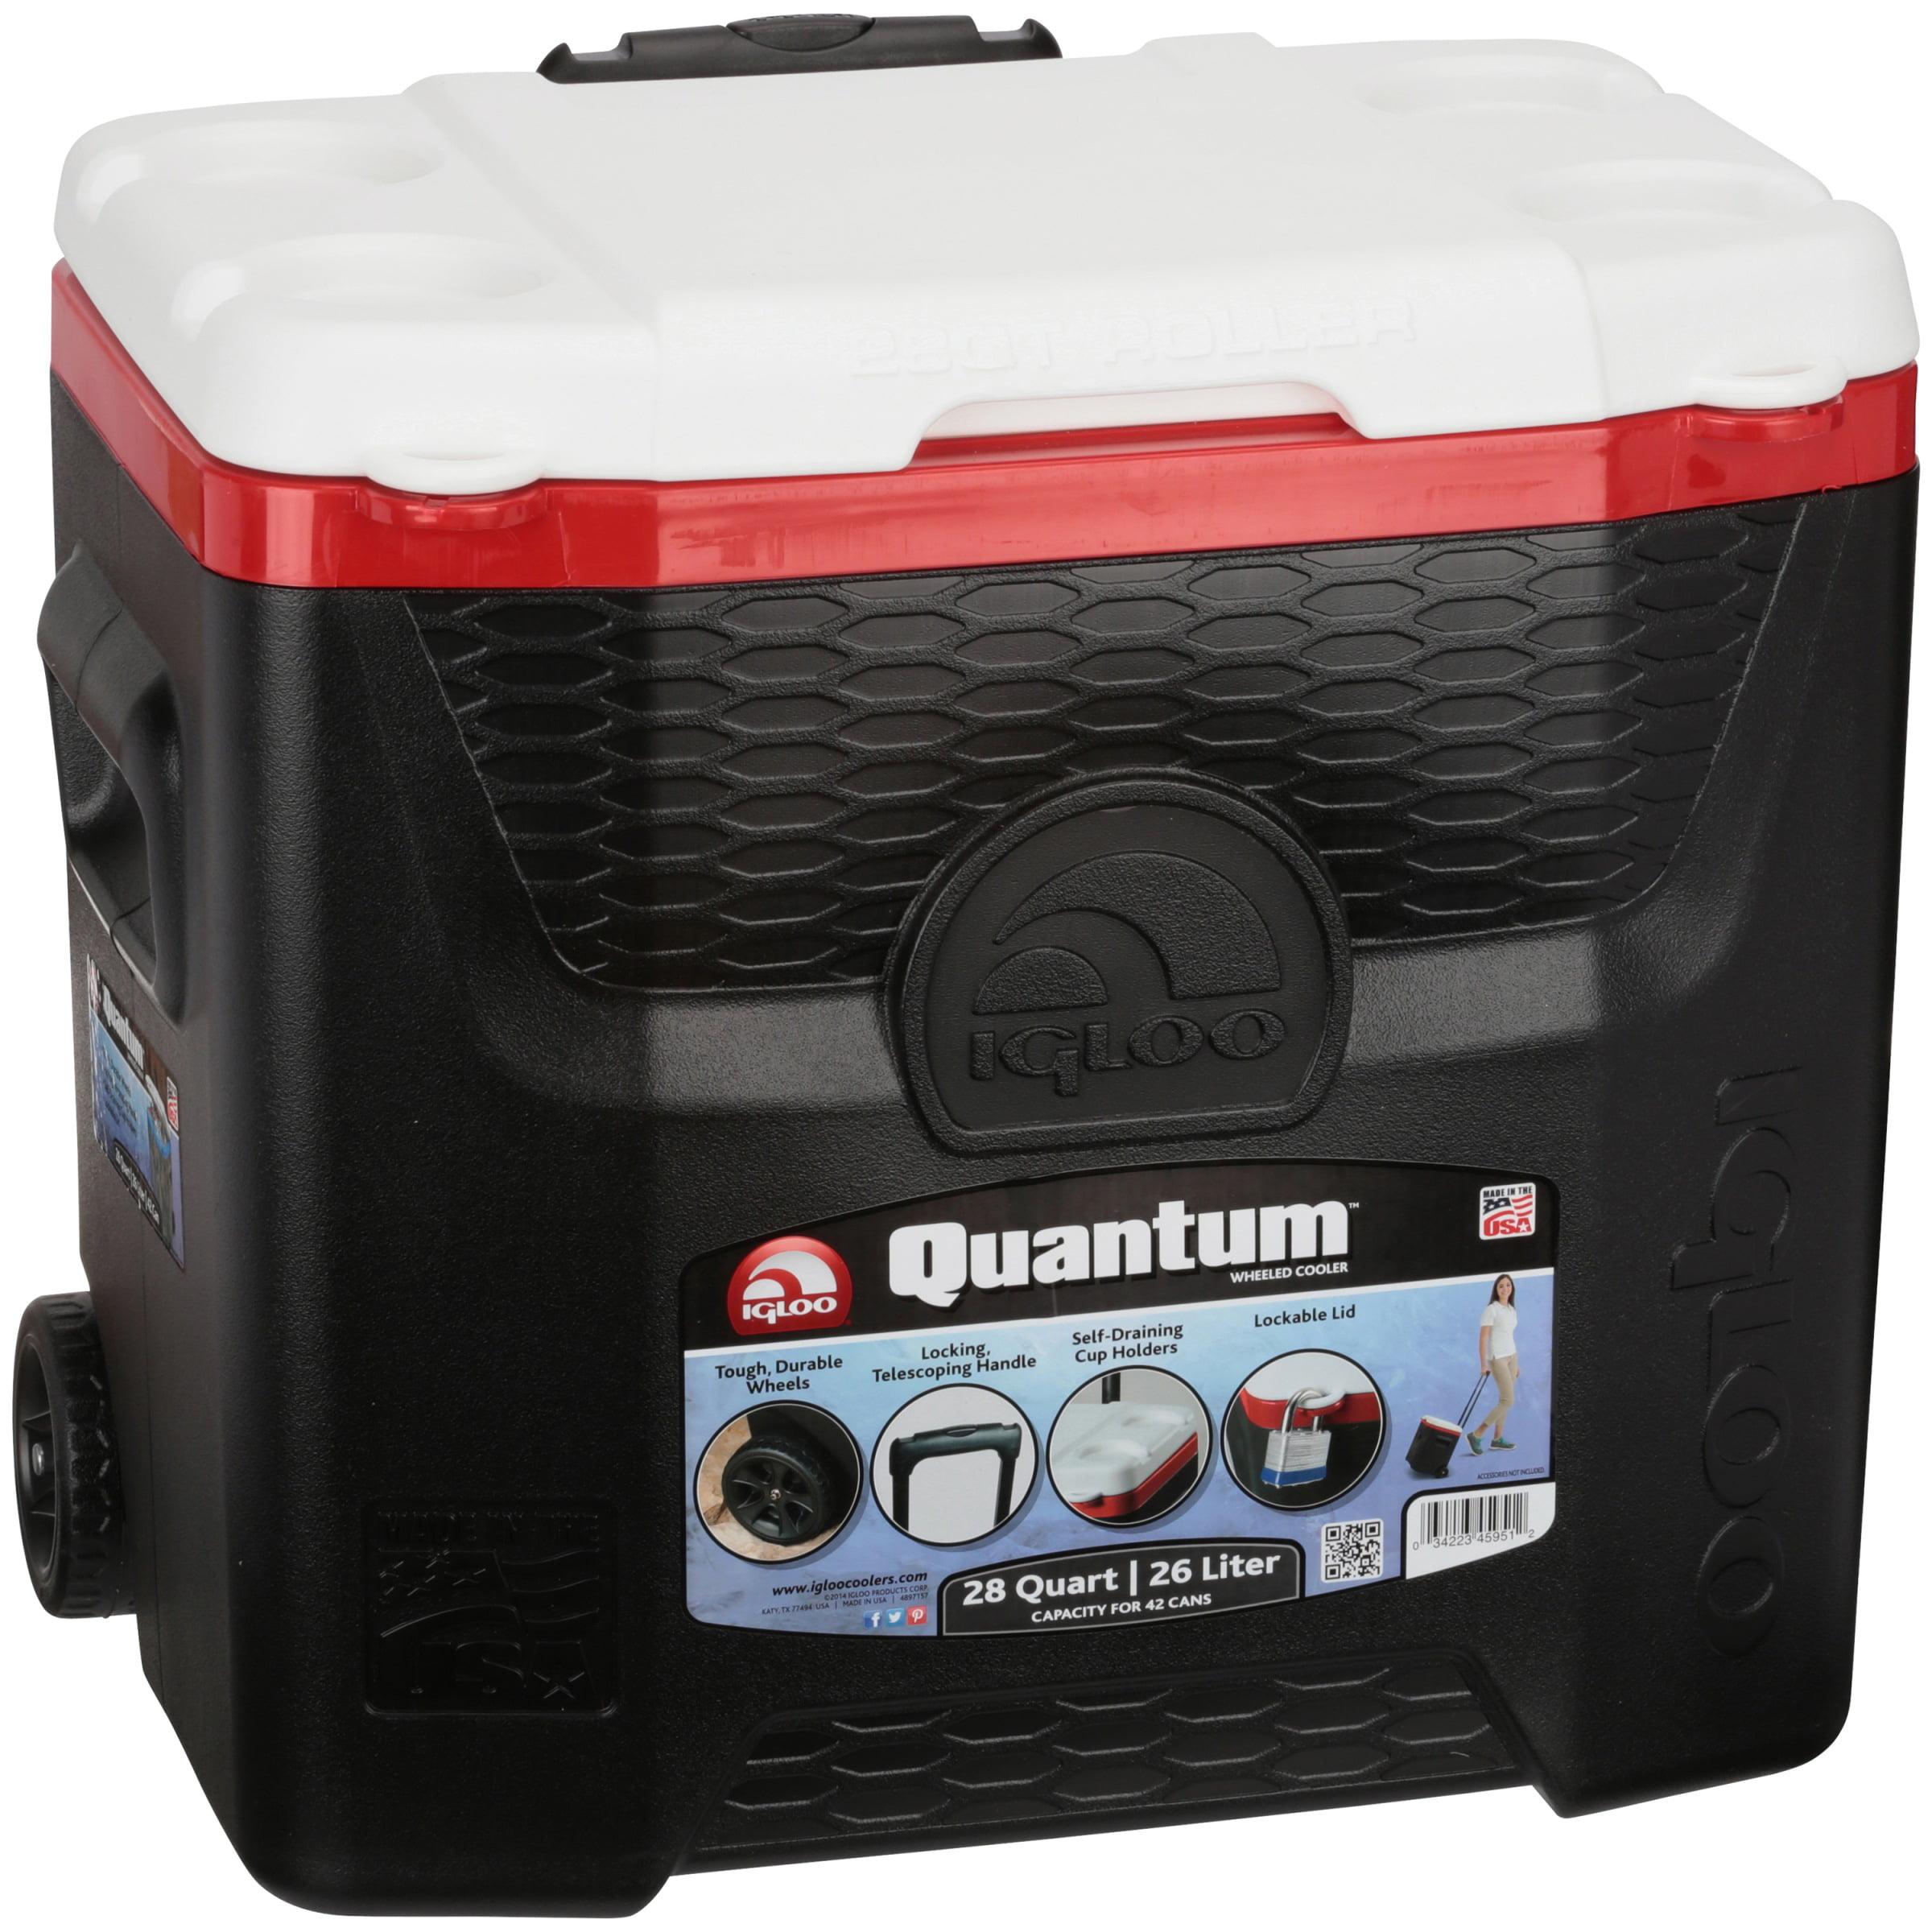 Igloo 28-Quart Quantum Wheeled Cooler